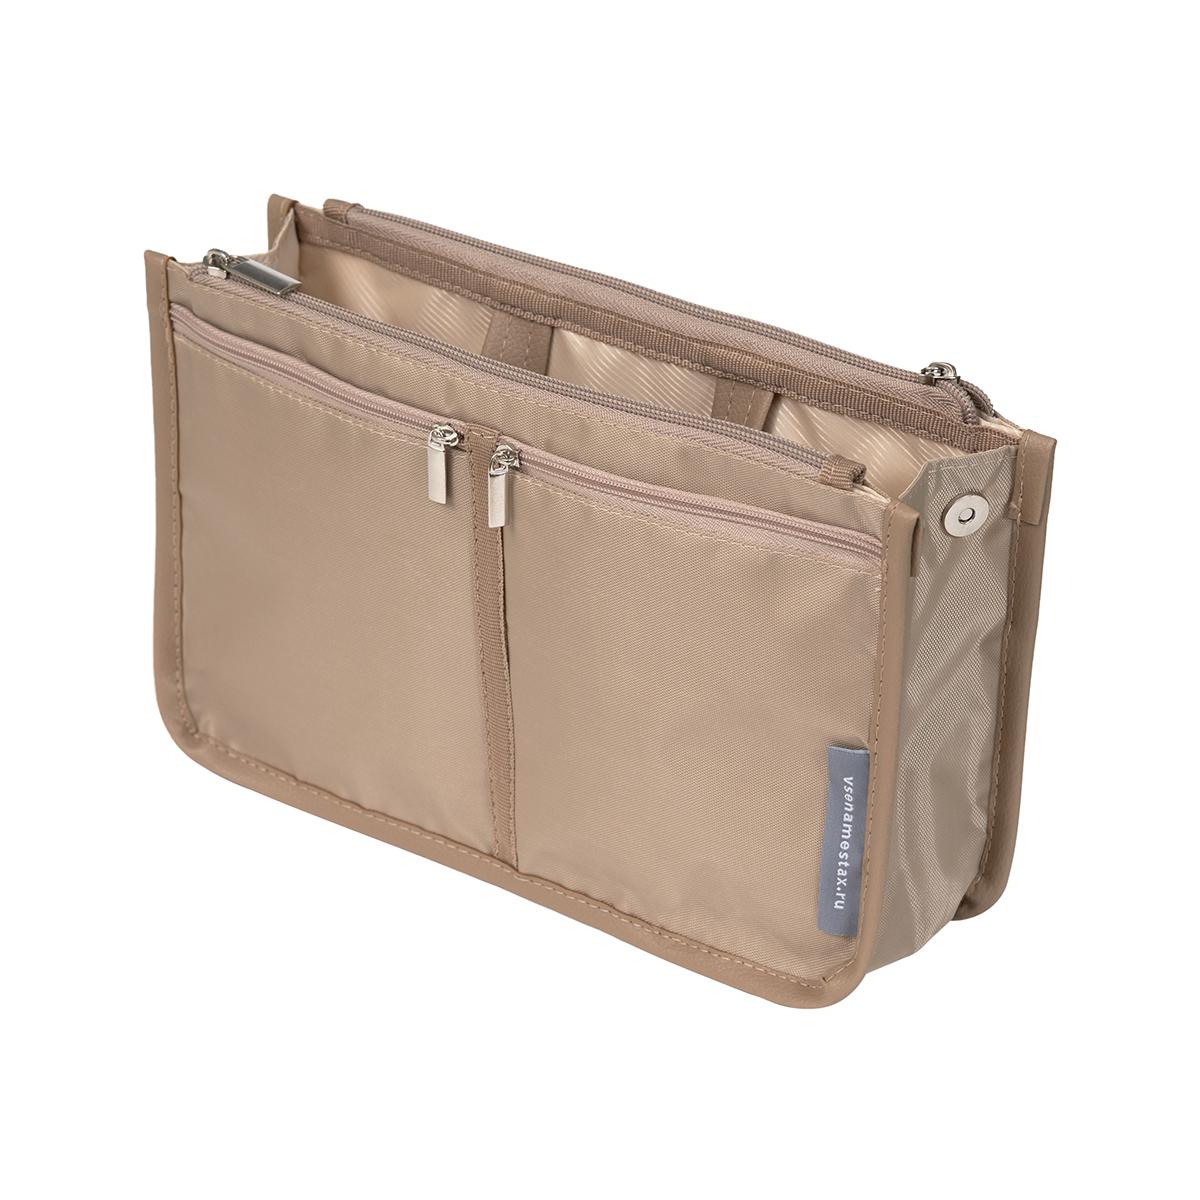 Органайзер для сумки SOFIA 28х16х8,5 см, 9 карманов, бежевый